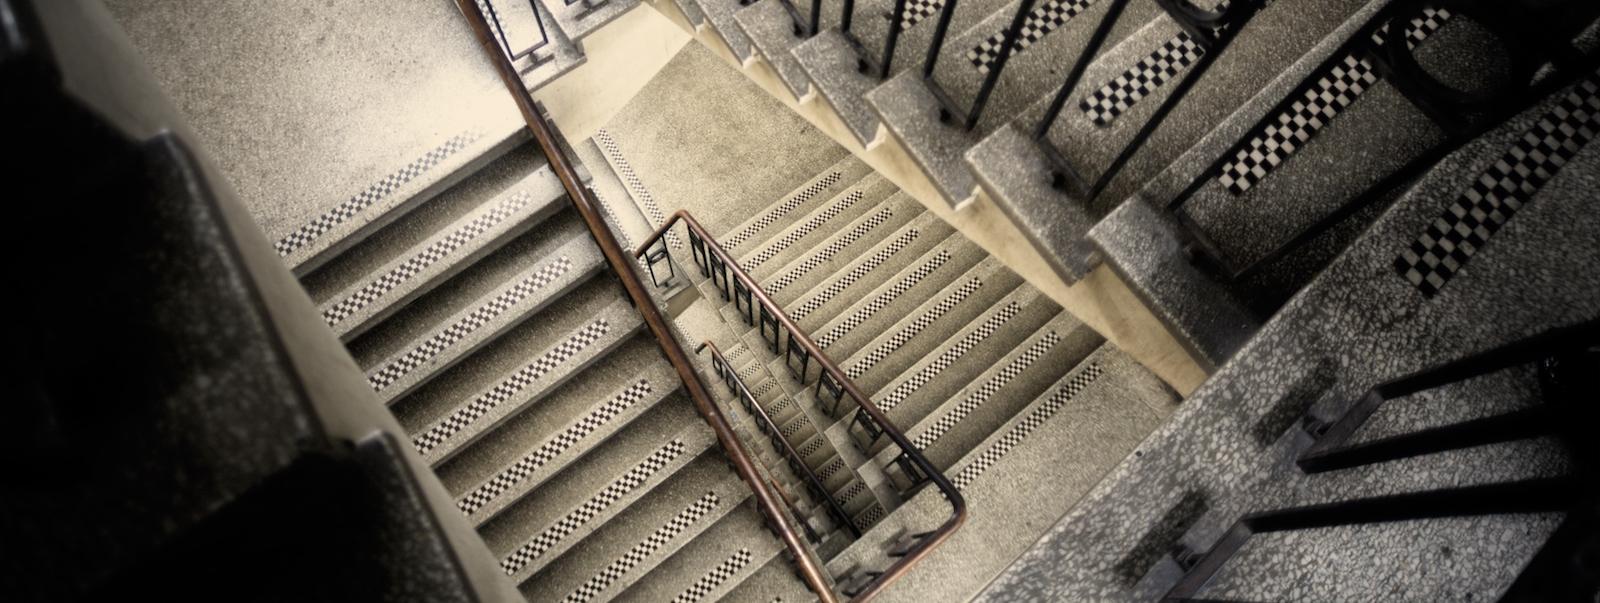 LED rasvjeta - stubišta i hodnici stambenih zgrada